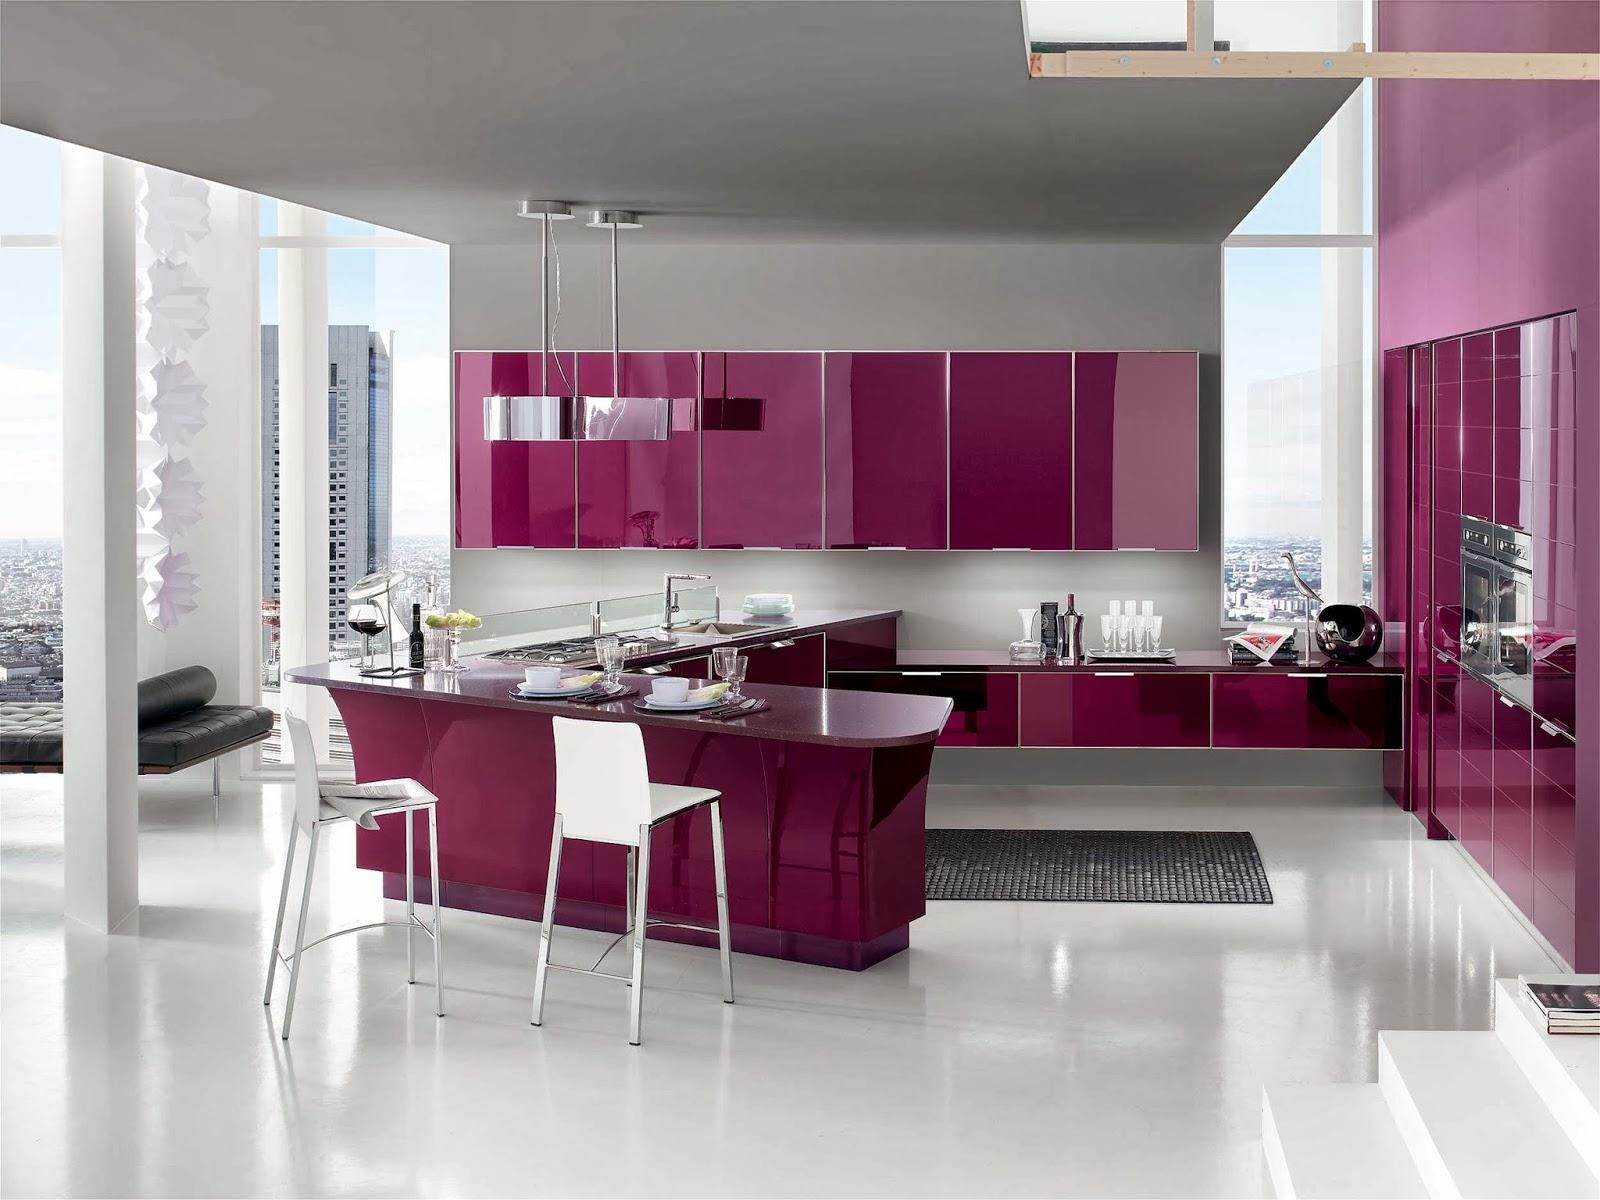 Cucine moderne, le migliori soluzioni per arredare la tua cucina ...